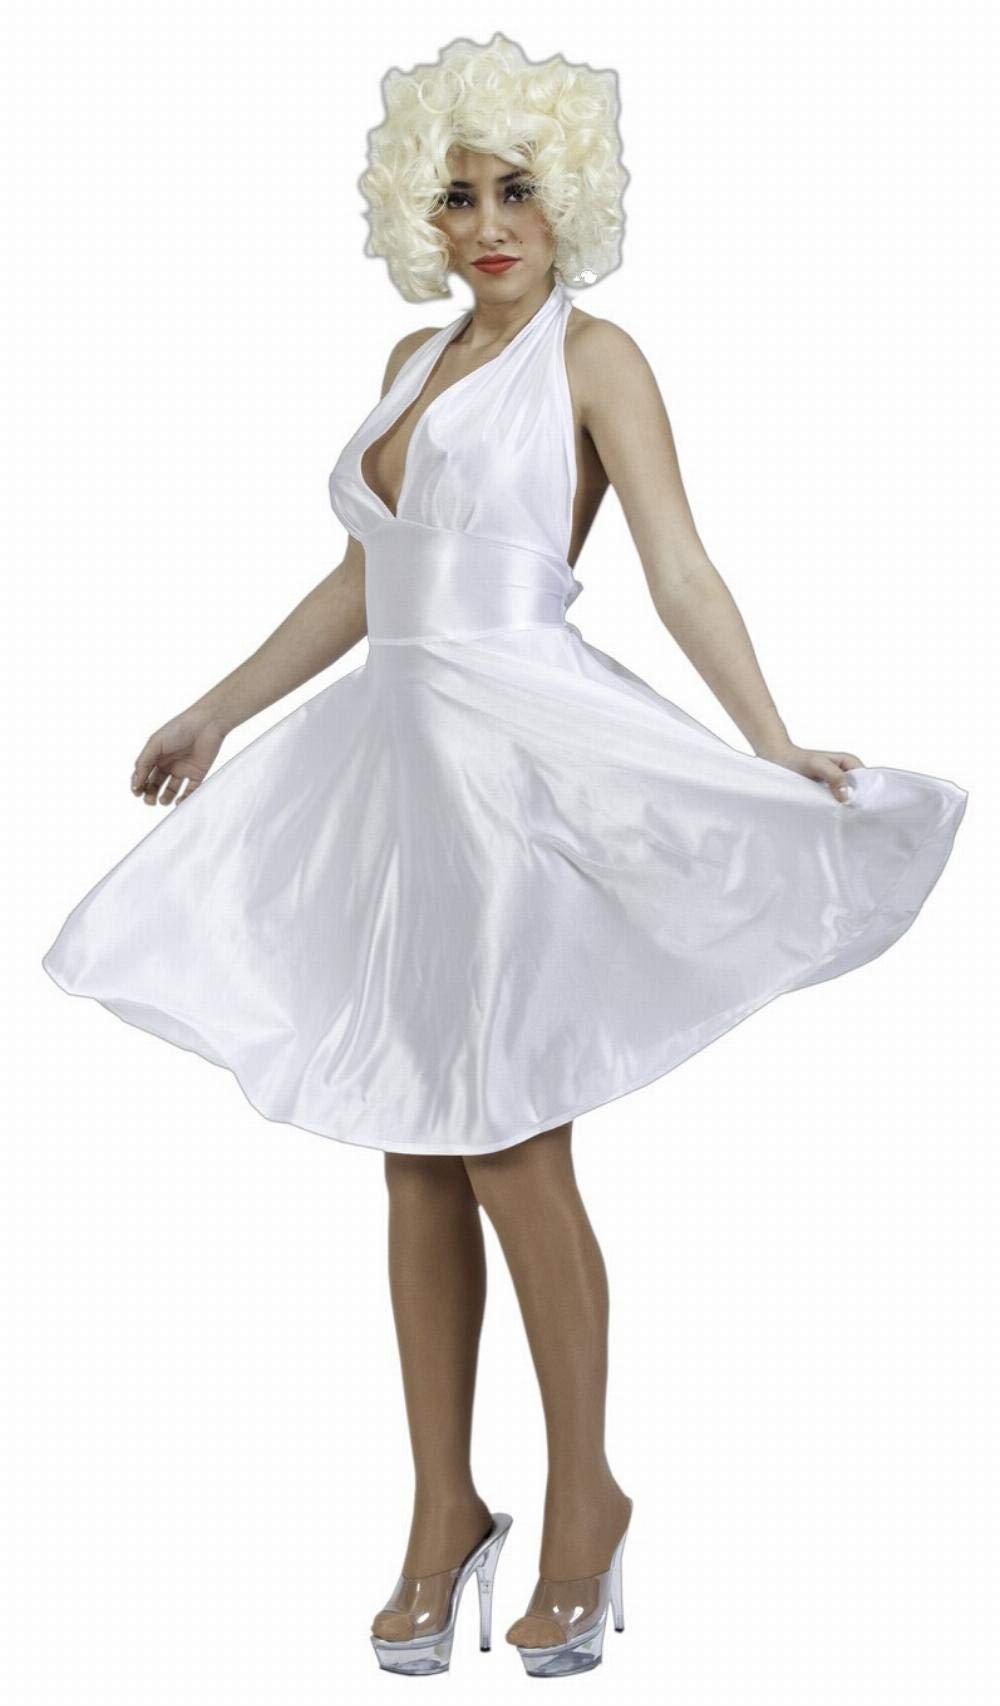 Fyasa 702898 Disfraz de Marilyn, grande: Amazon.es: Juguetes y juegos